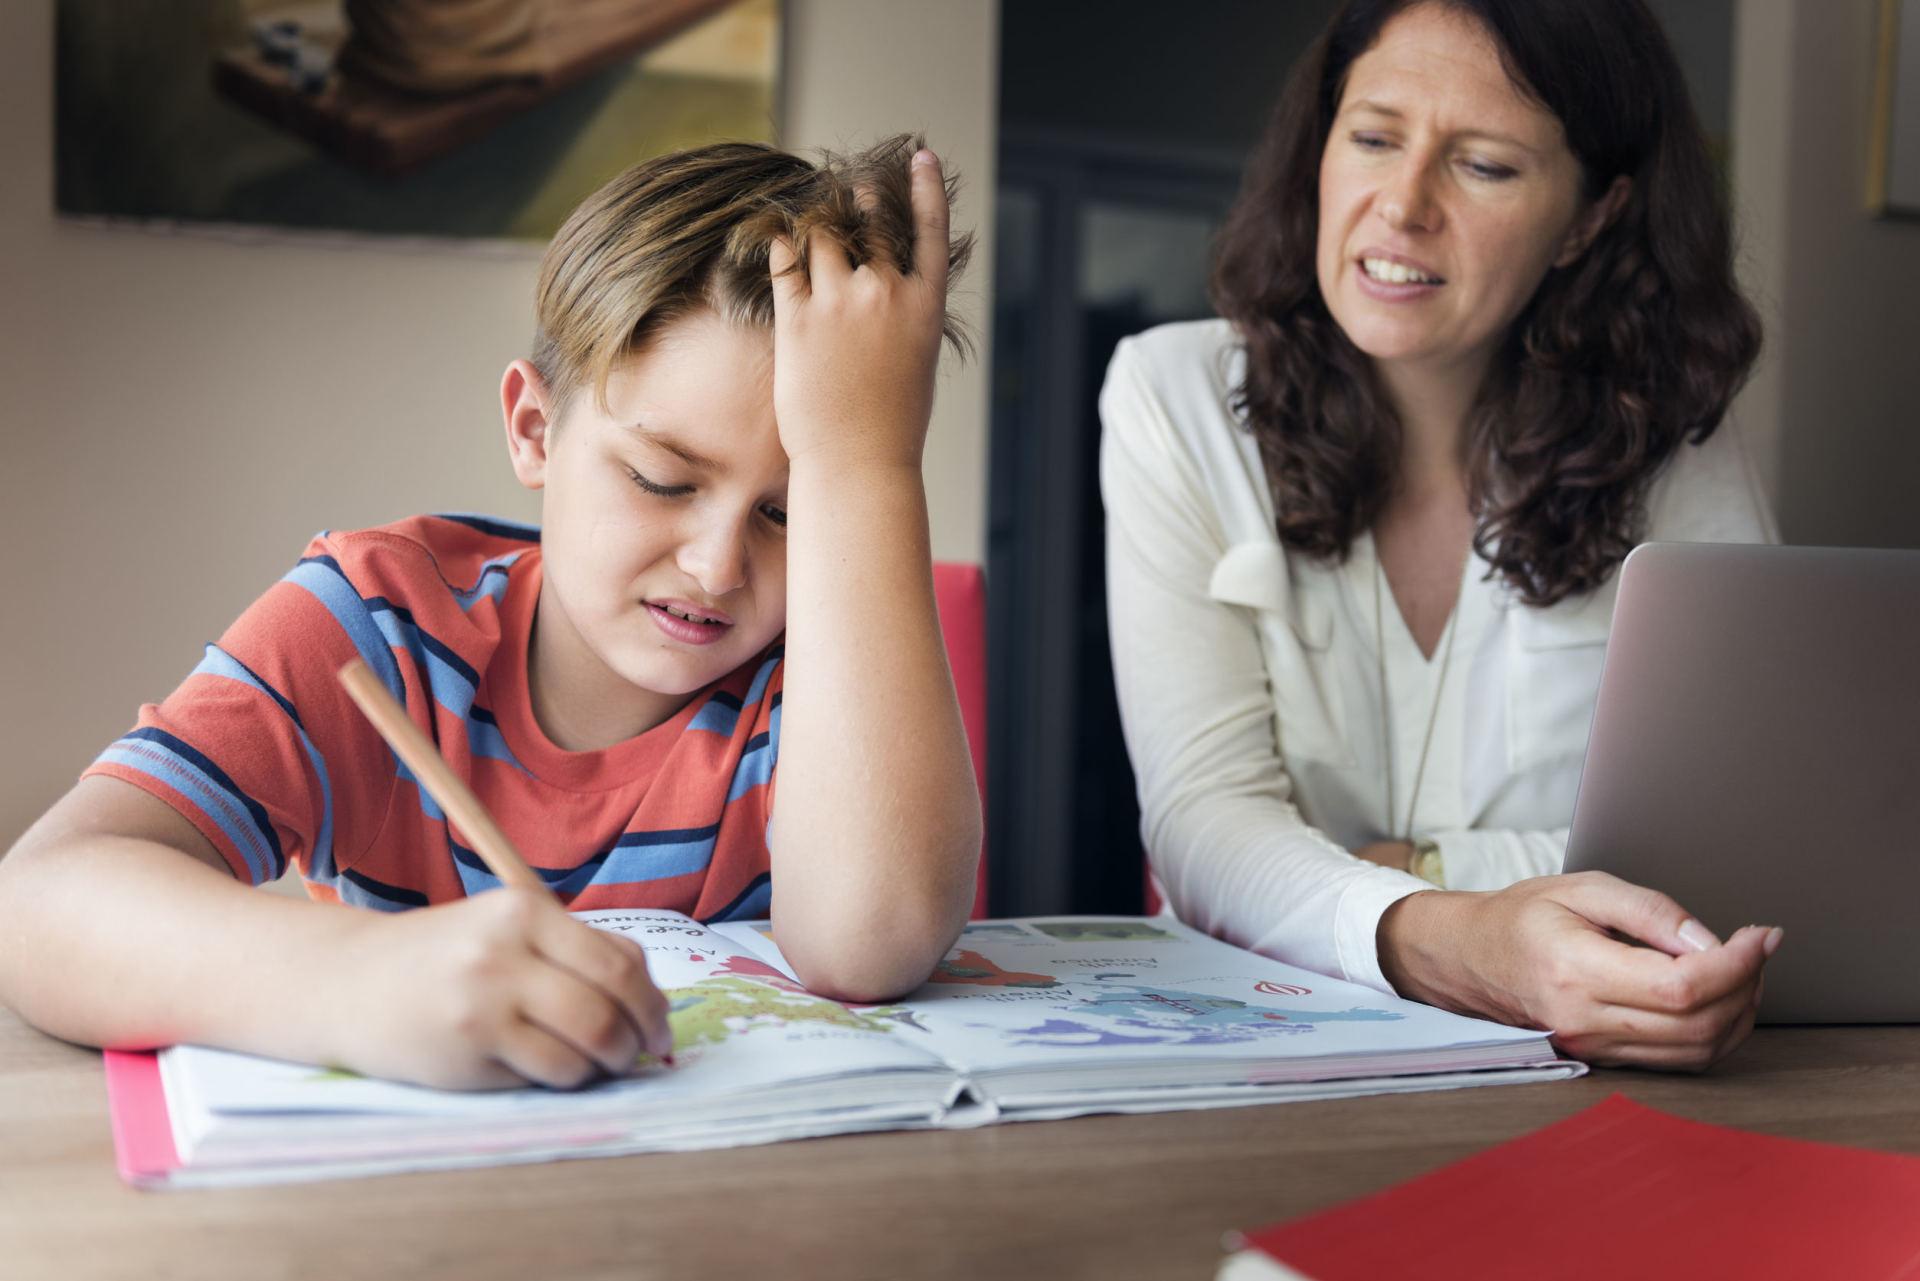 Kas nutinka, kai tėvai sprendžia vaiko namų darbus?